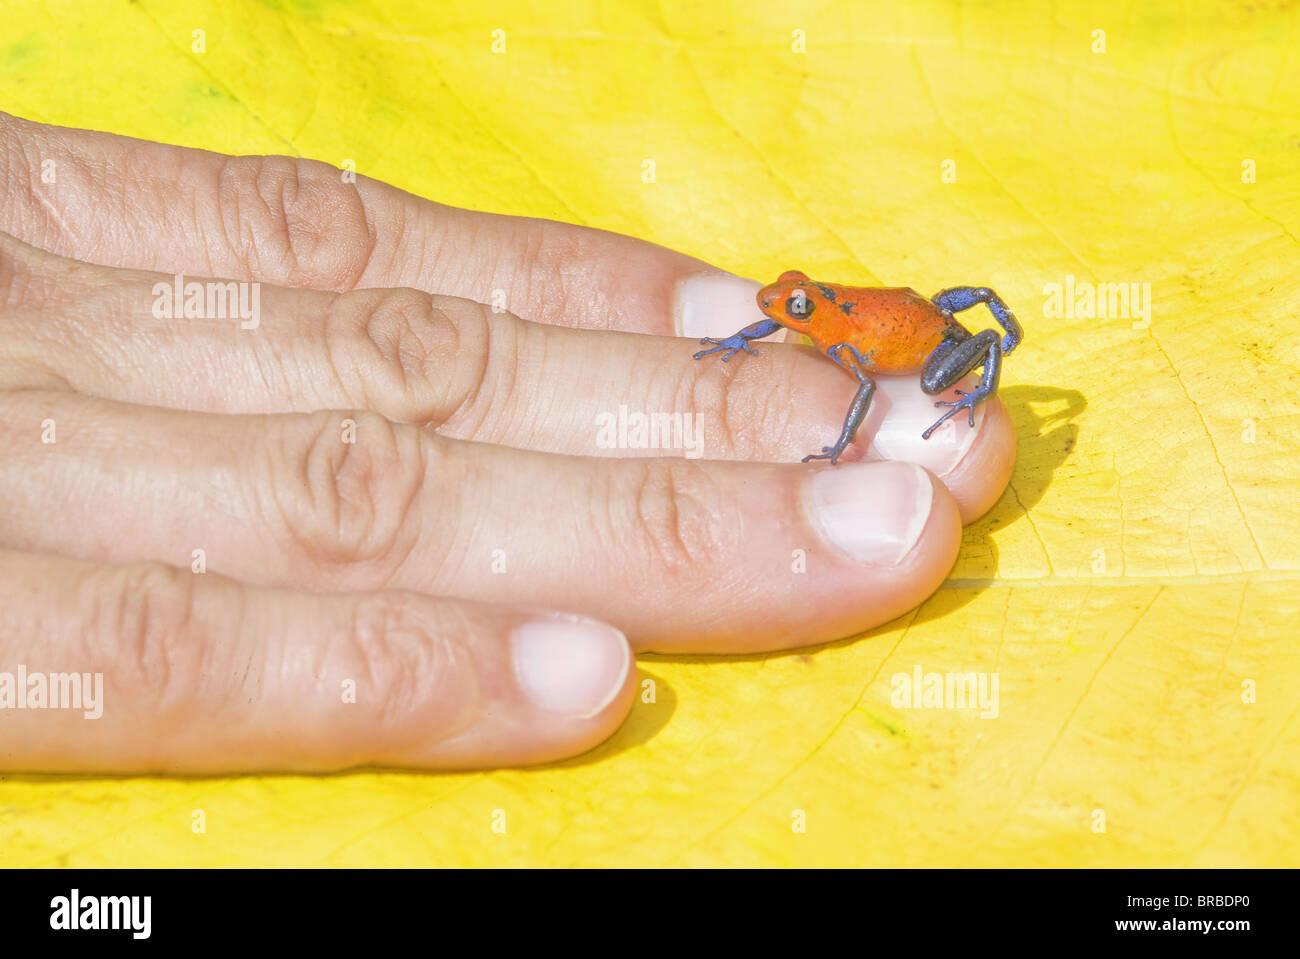 Jean bleu dart frog (dendrobates pumilio) sur la main de l'homme, au Costa Rica, Amérique Centrale Photo Stock